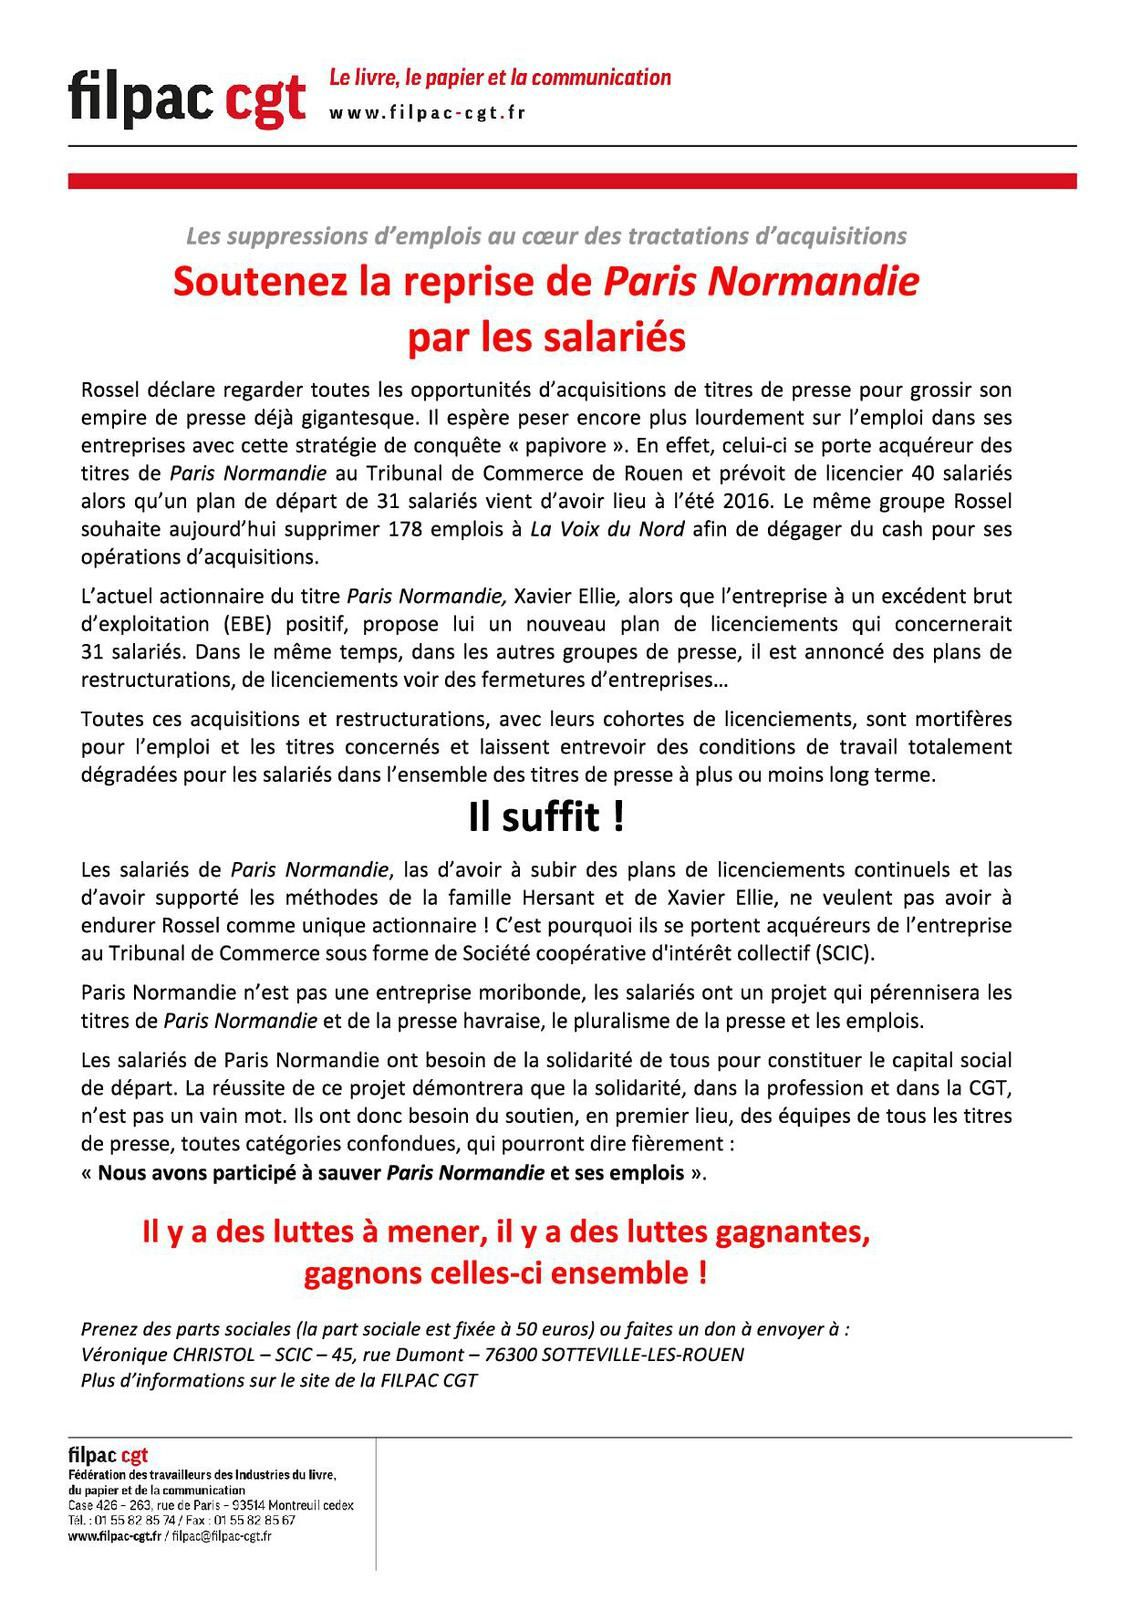 Le 26 janvier, Rendez vous à Rouen pour soutenir le projet des salariés de Paris Normandie